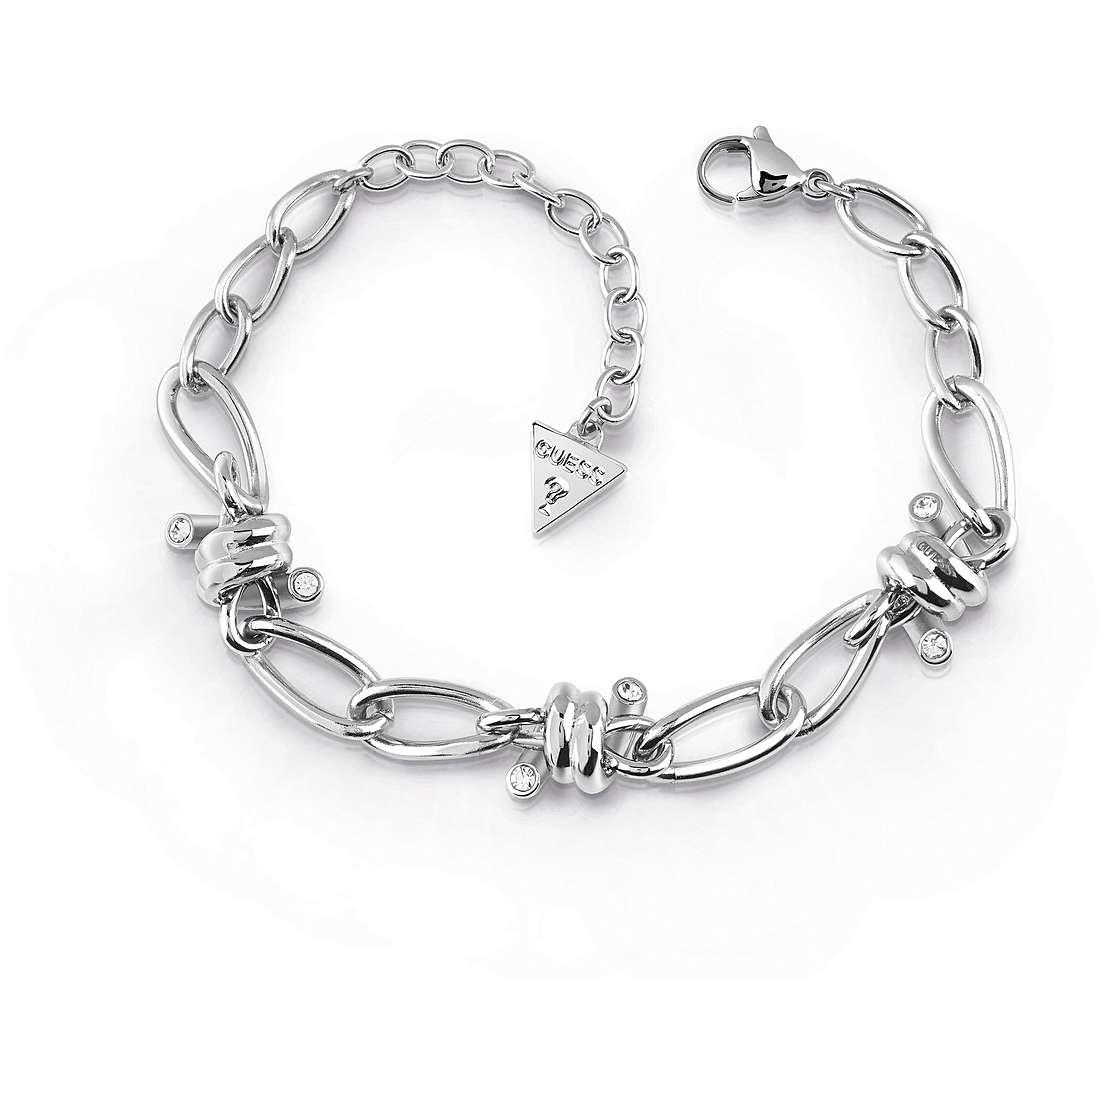 BRACCIALE DONNA MORELLATO acciaio braccialetto FOSSIL GUESS